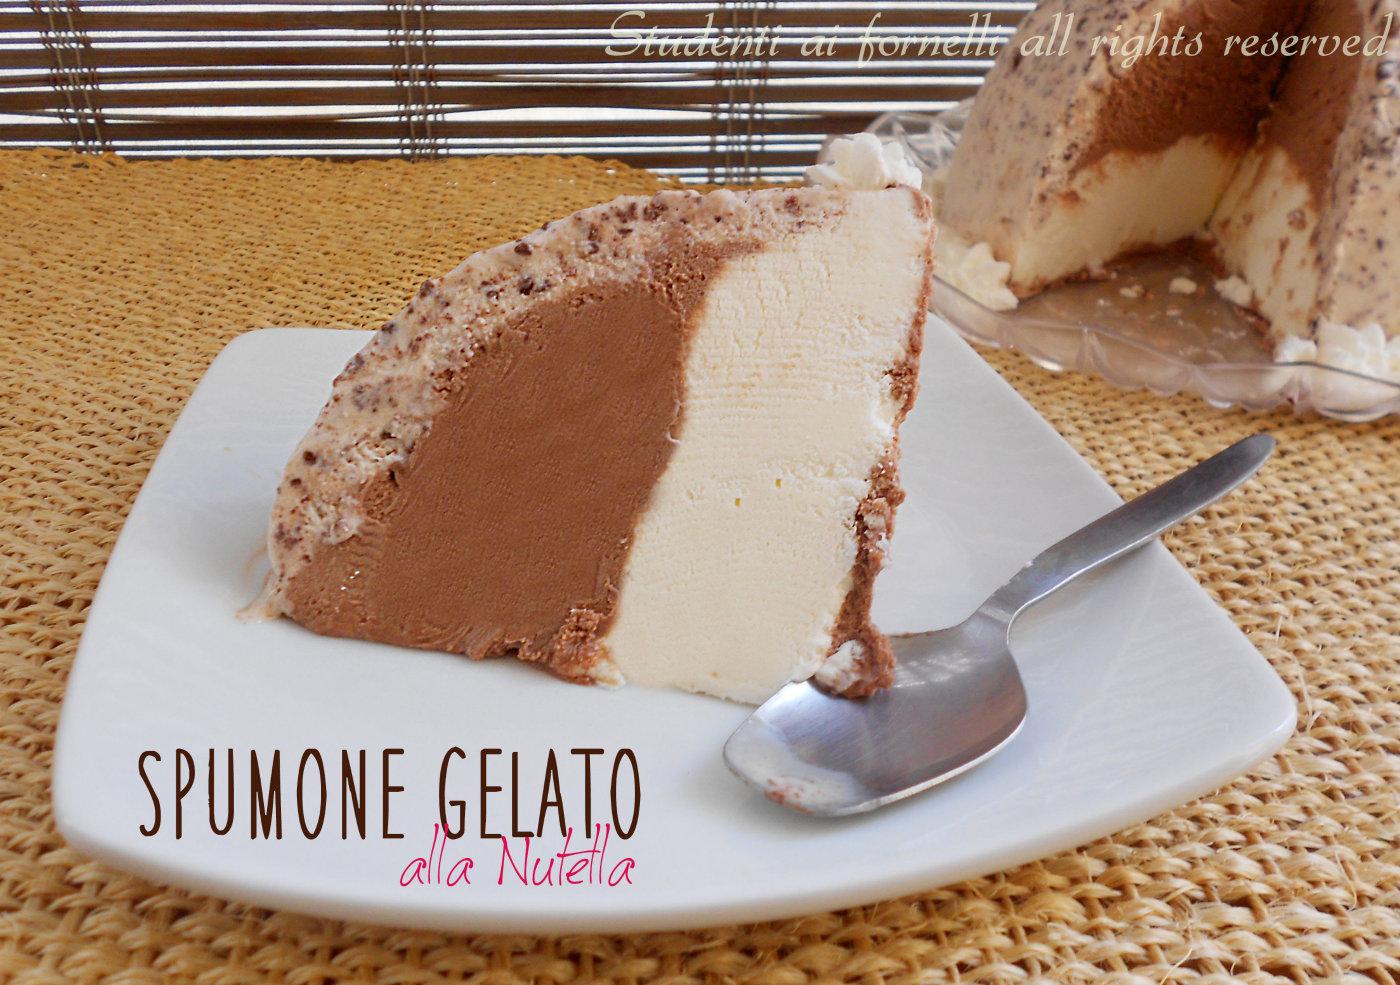 spumone gelato alla nutella e mascarpone ricetta spumone napoletano torta gelato facile